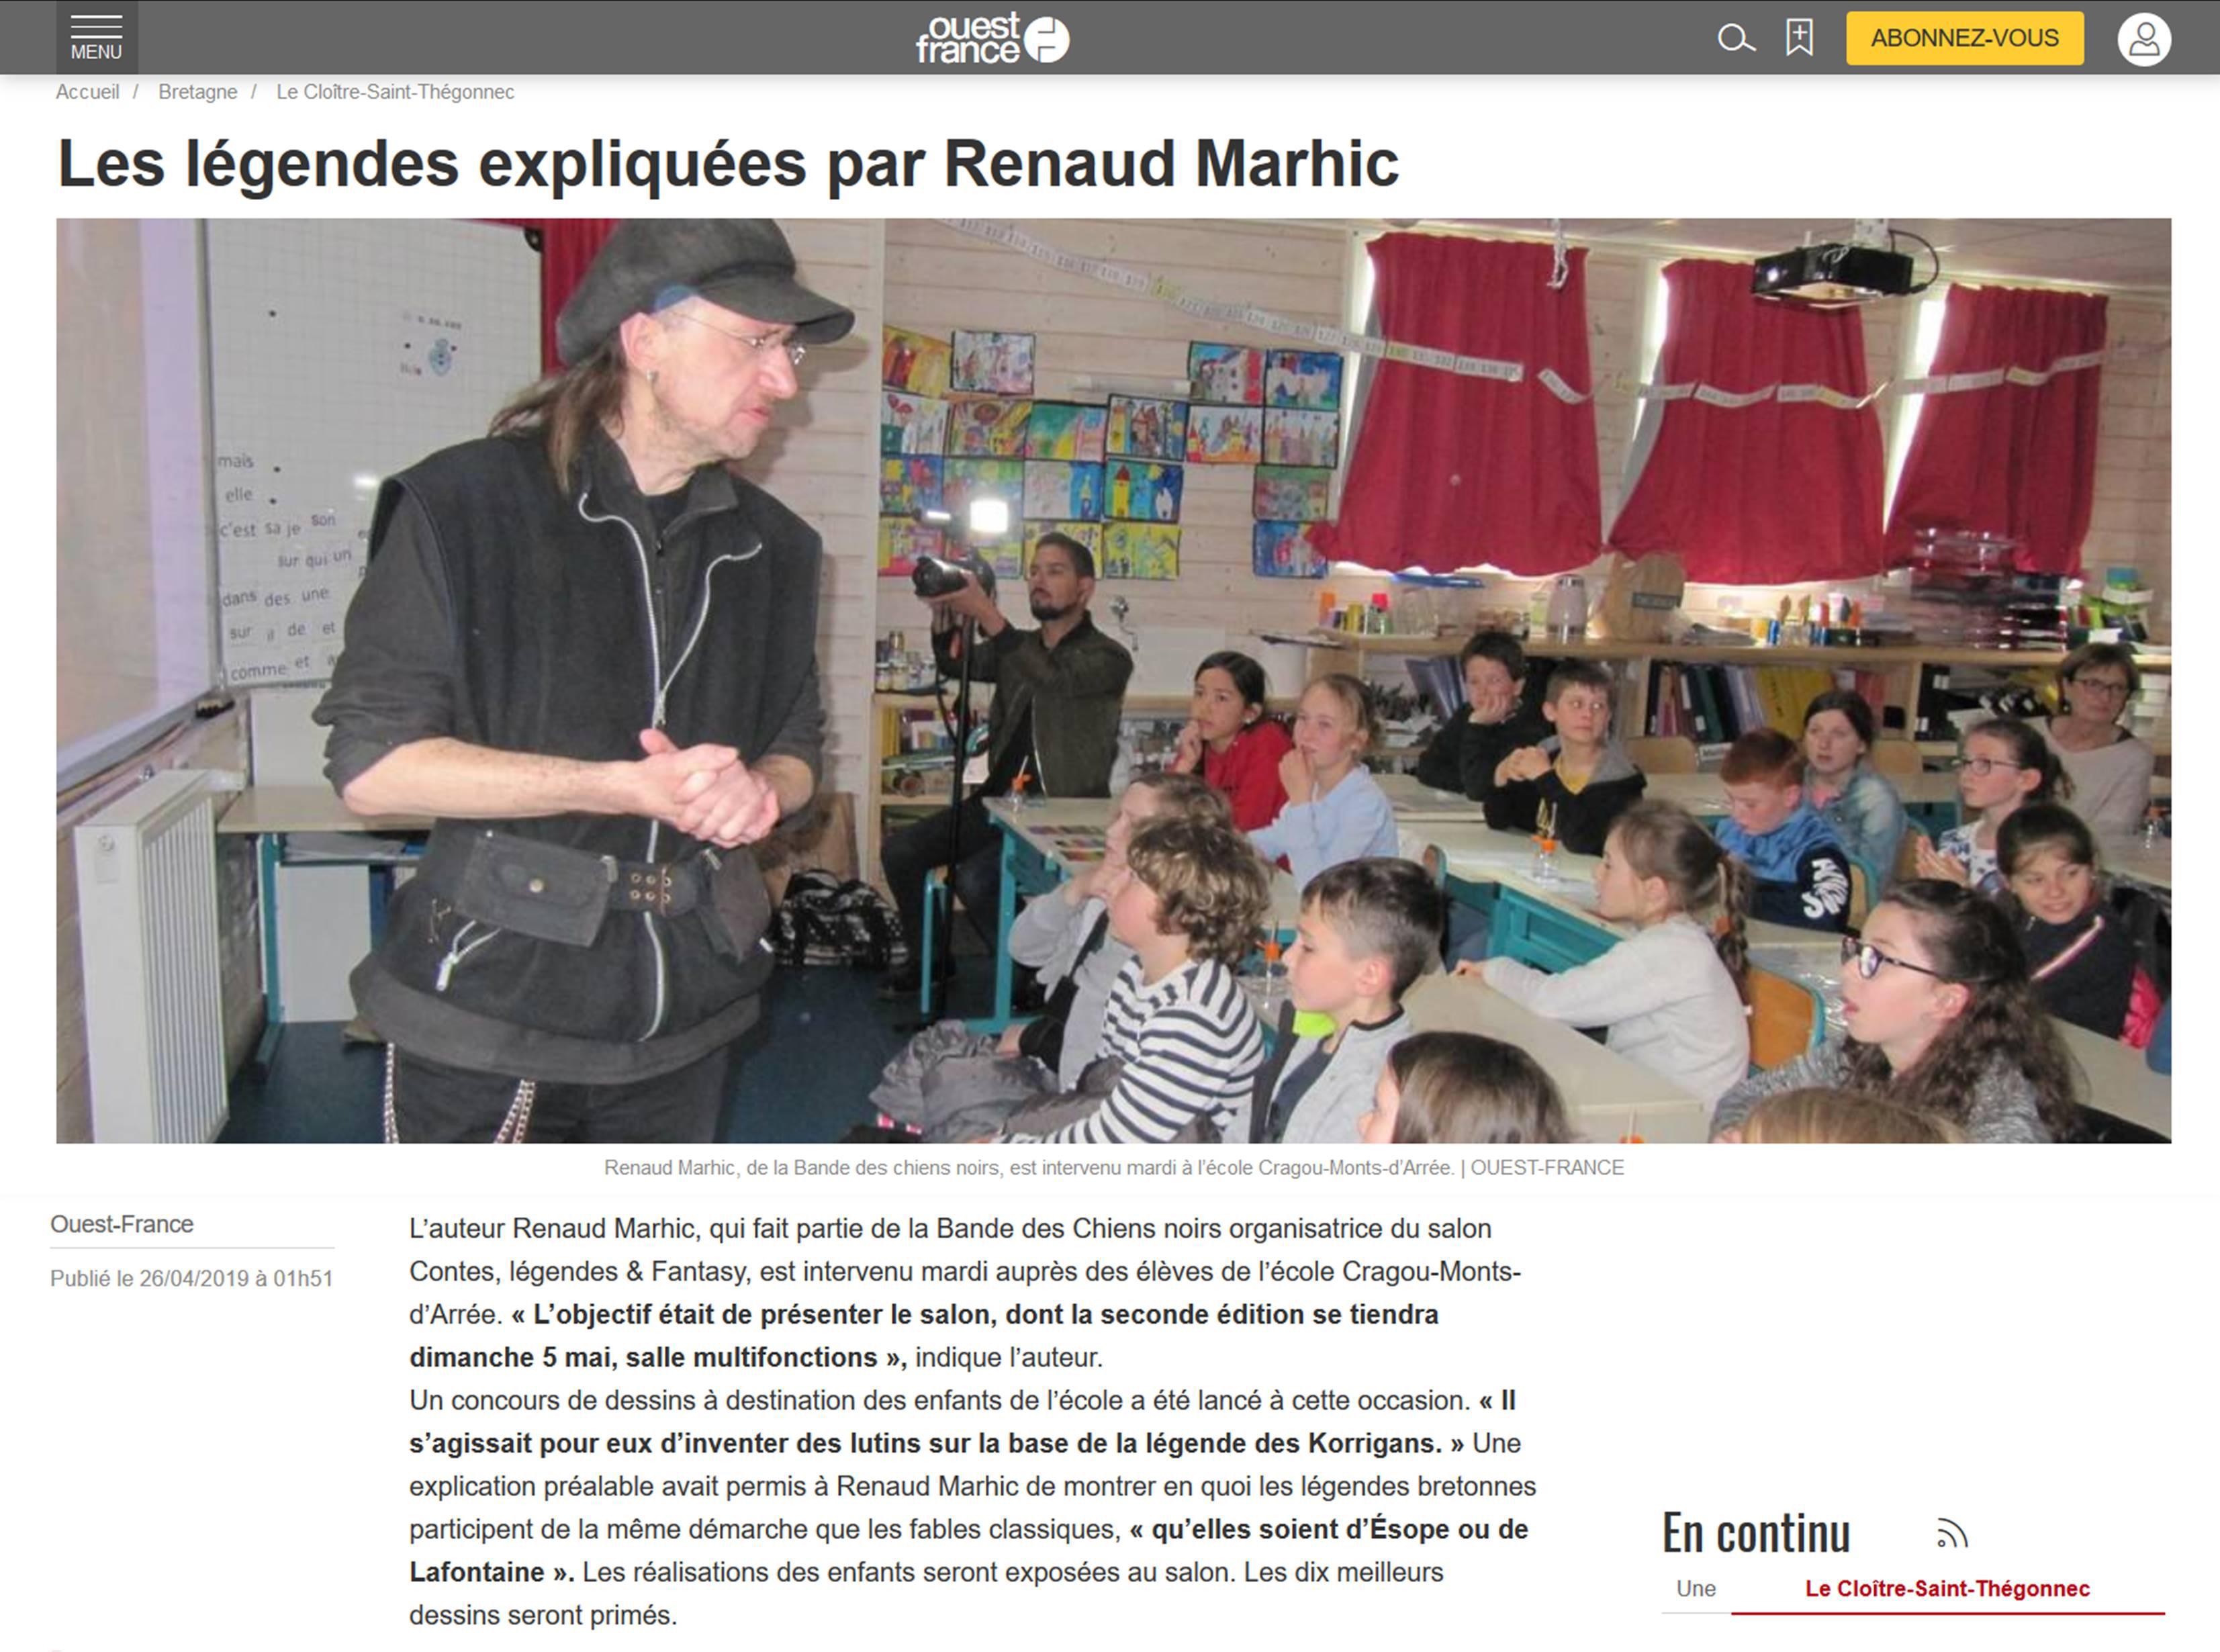 Renaud Marhic et les Lutns Urbains à l'École Cragou Monts d'Arrée